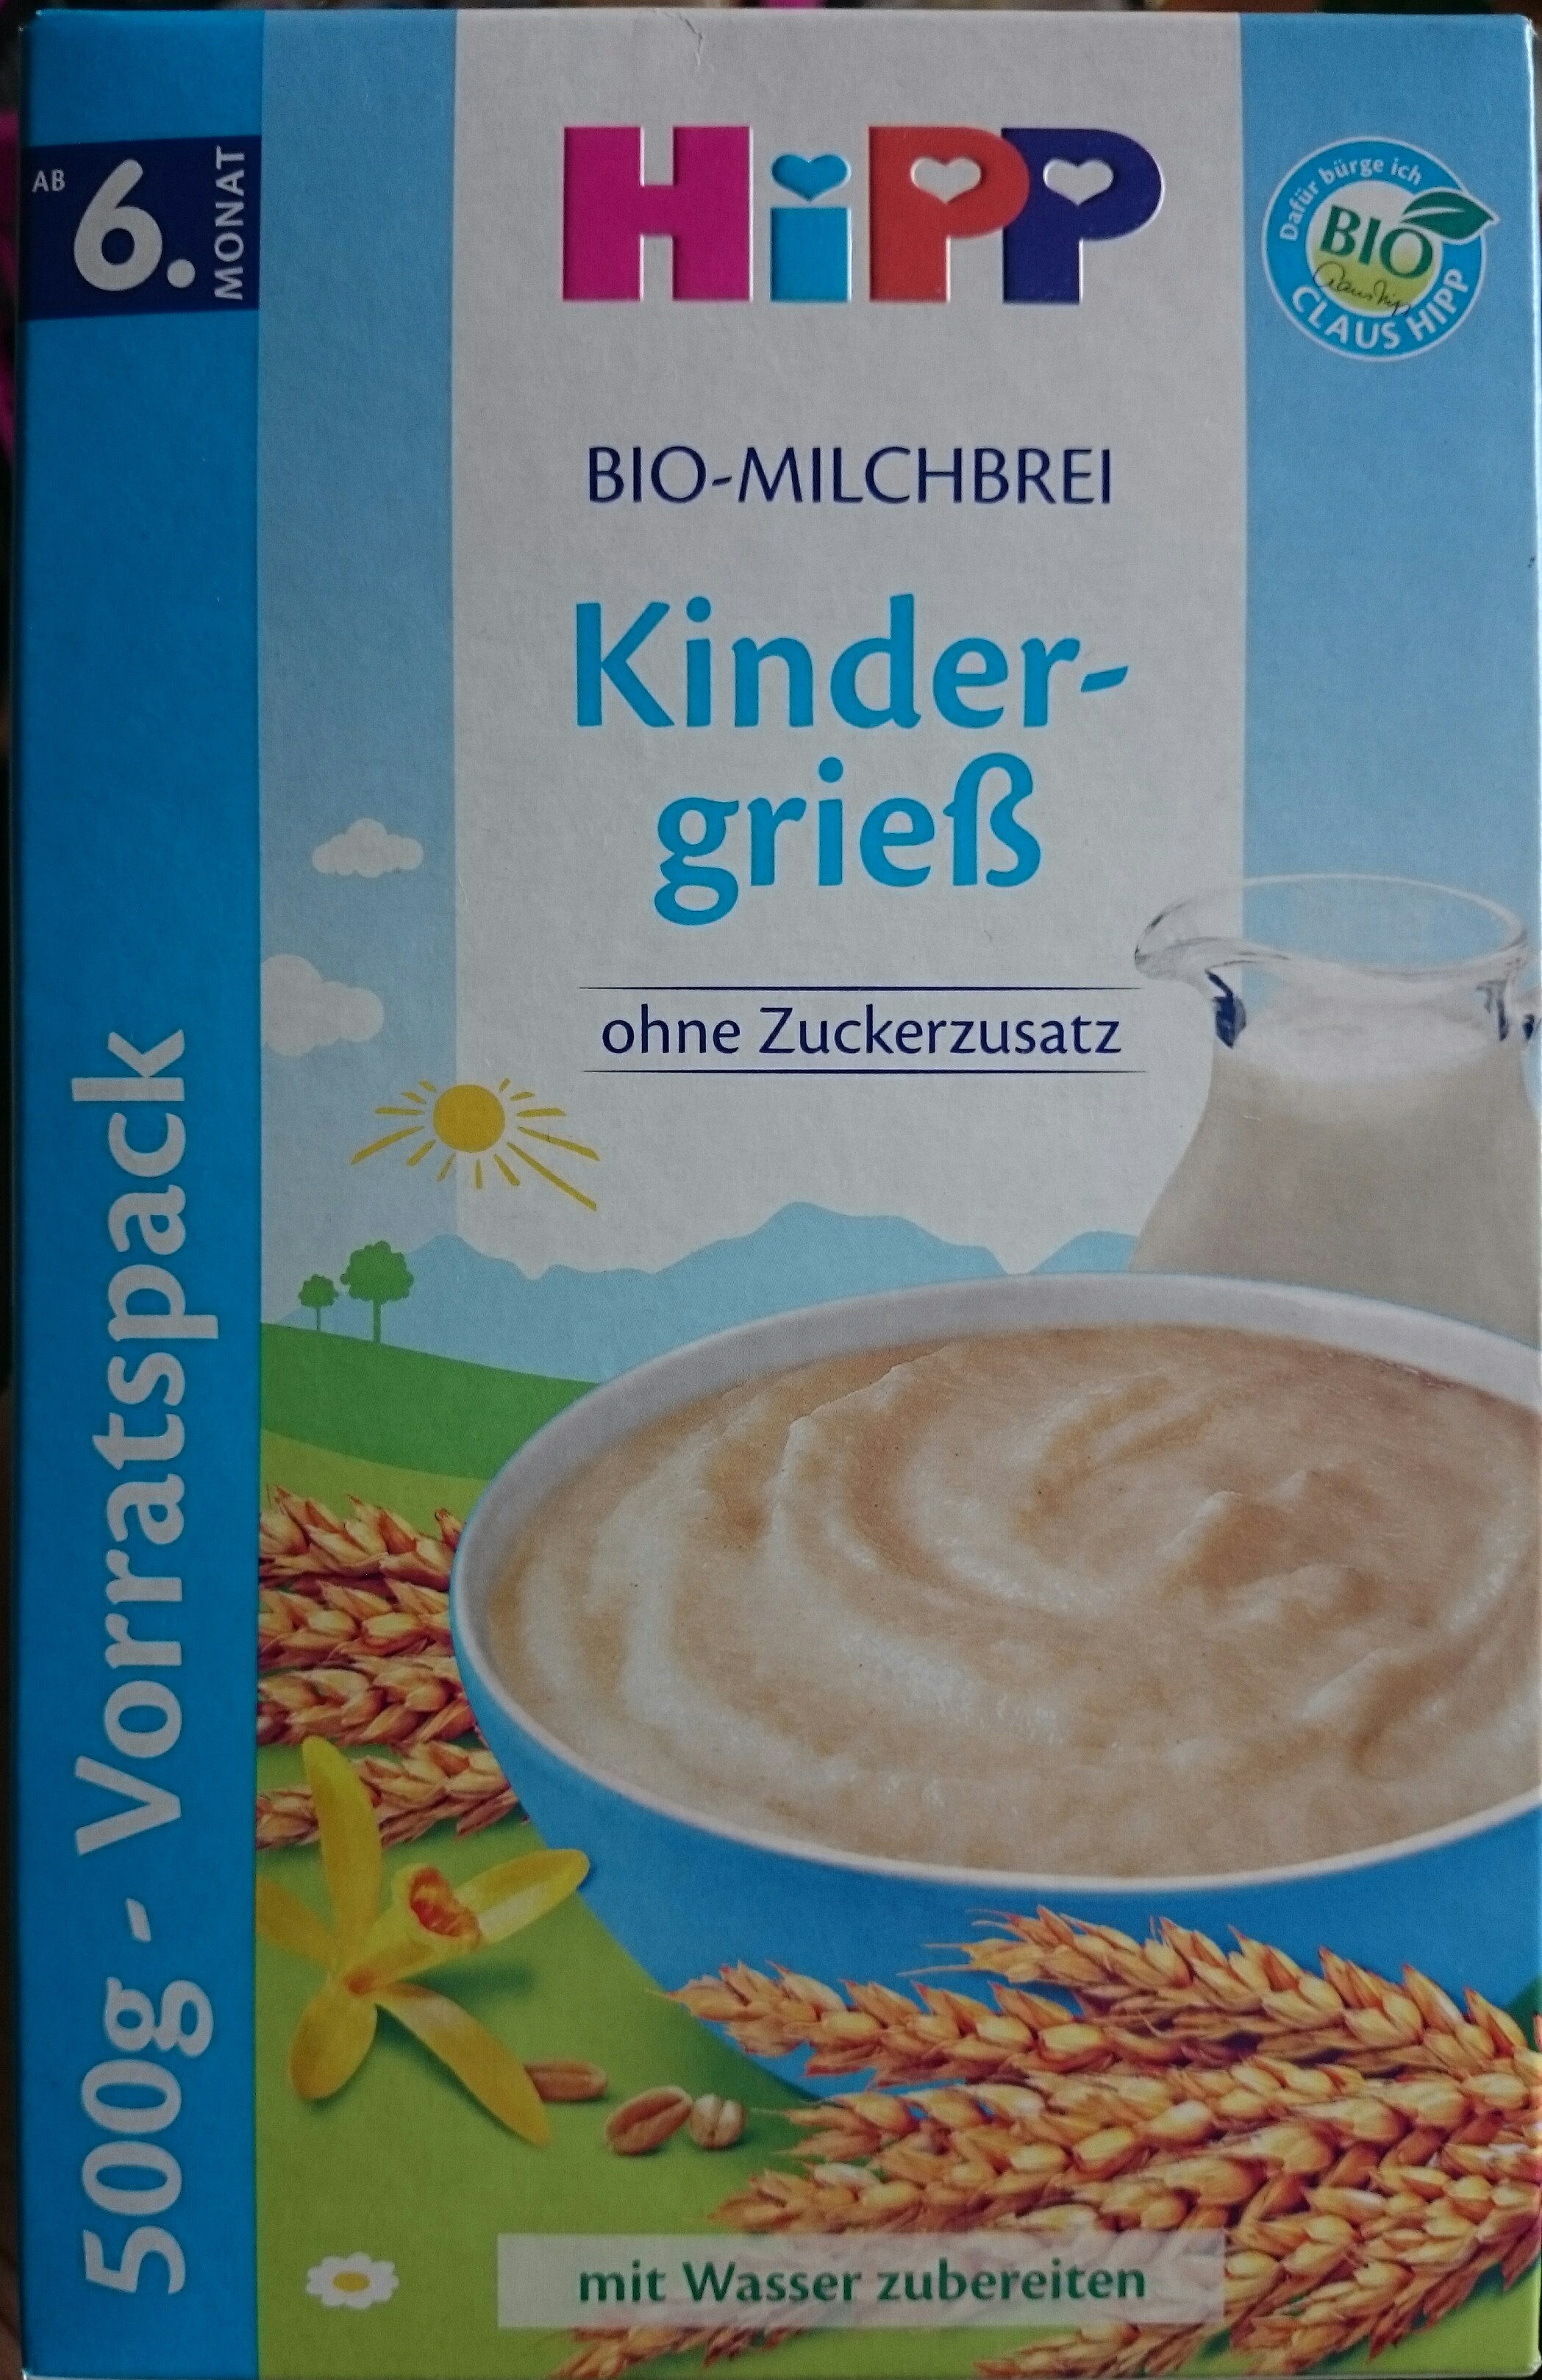 Hipp Bio Milchbrei, Kindergrieß, 2 X - Produit - de